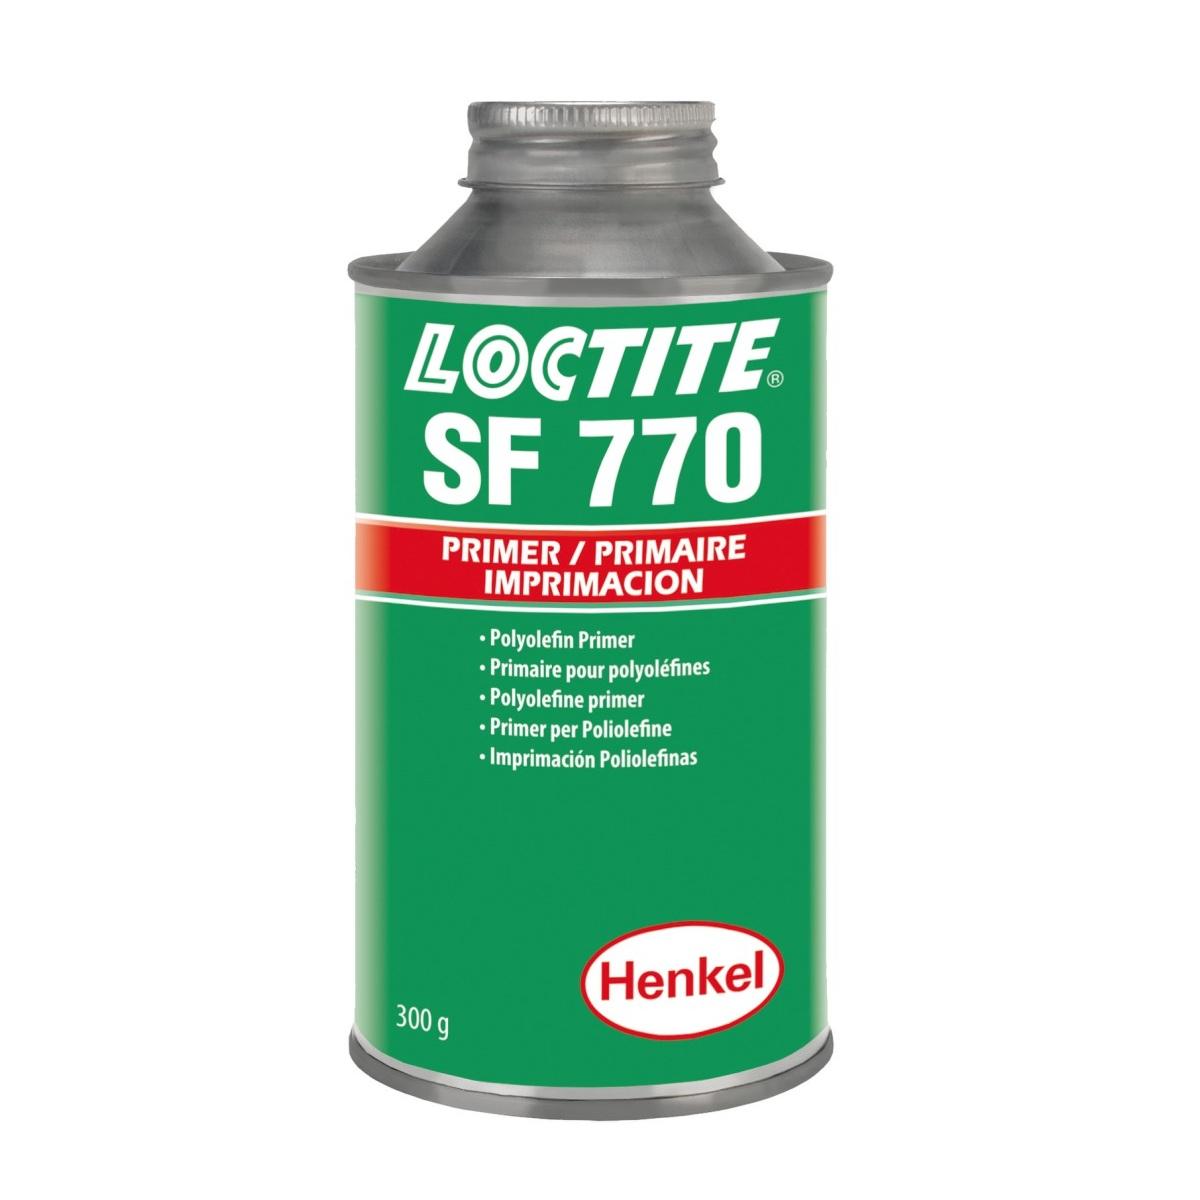 Loctite SF 770 - Loctite